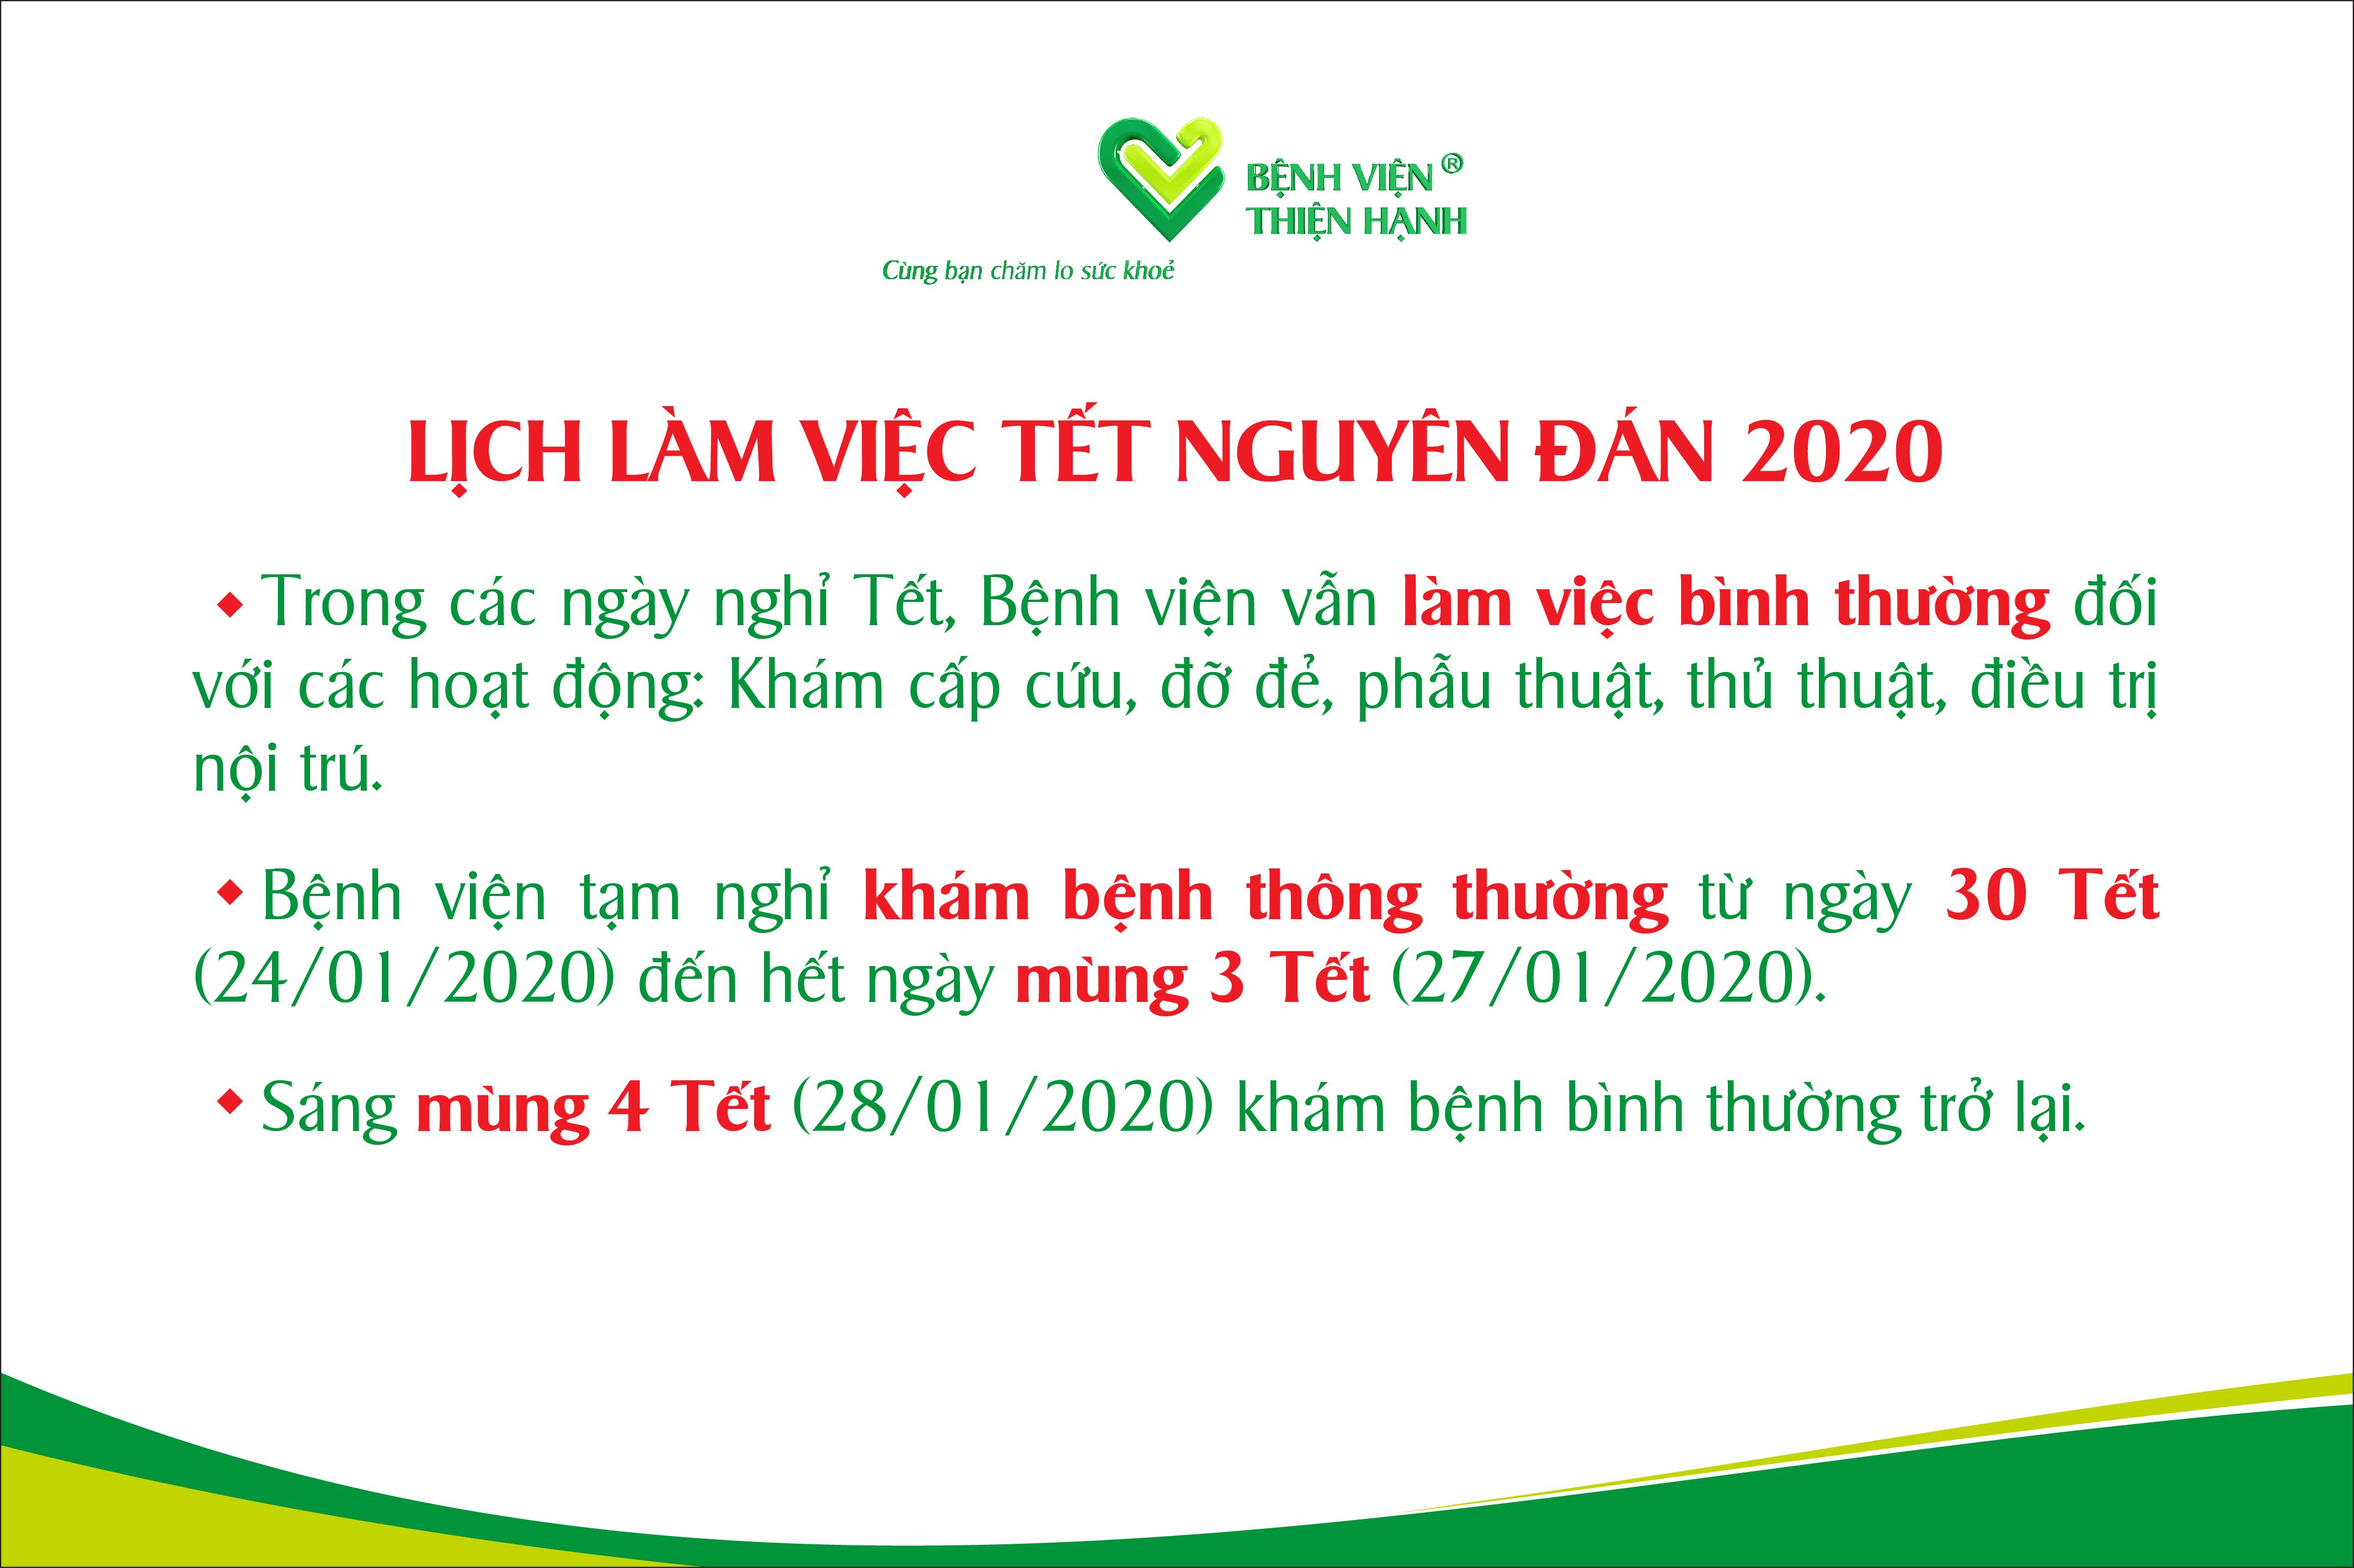 Bệnh Viện Thiện Hạnh Thông Báo Lịch Làm Việc Tết Nguyên đán 2020